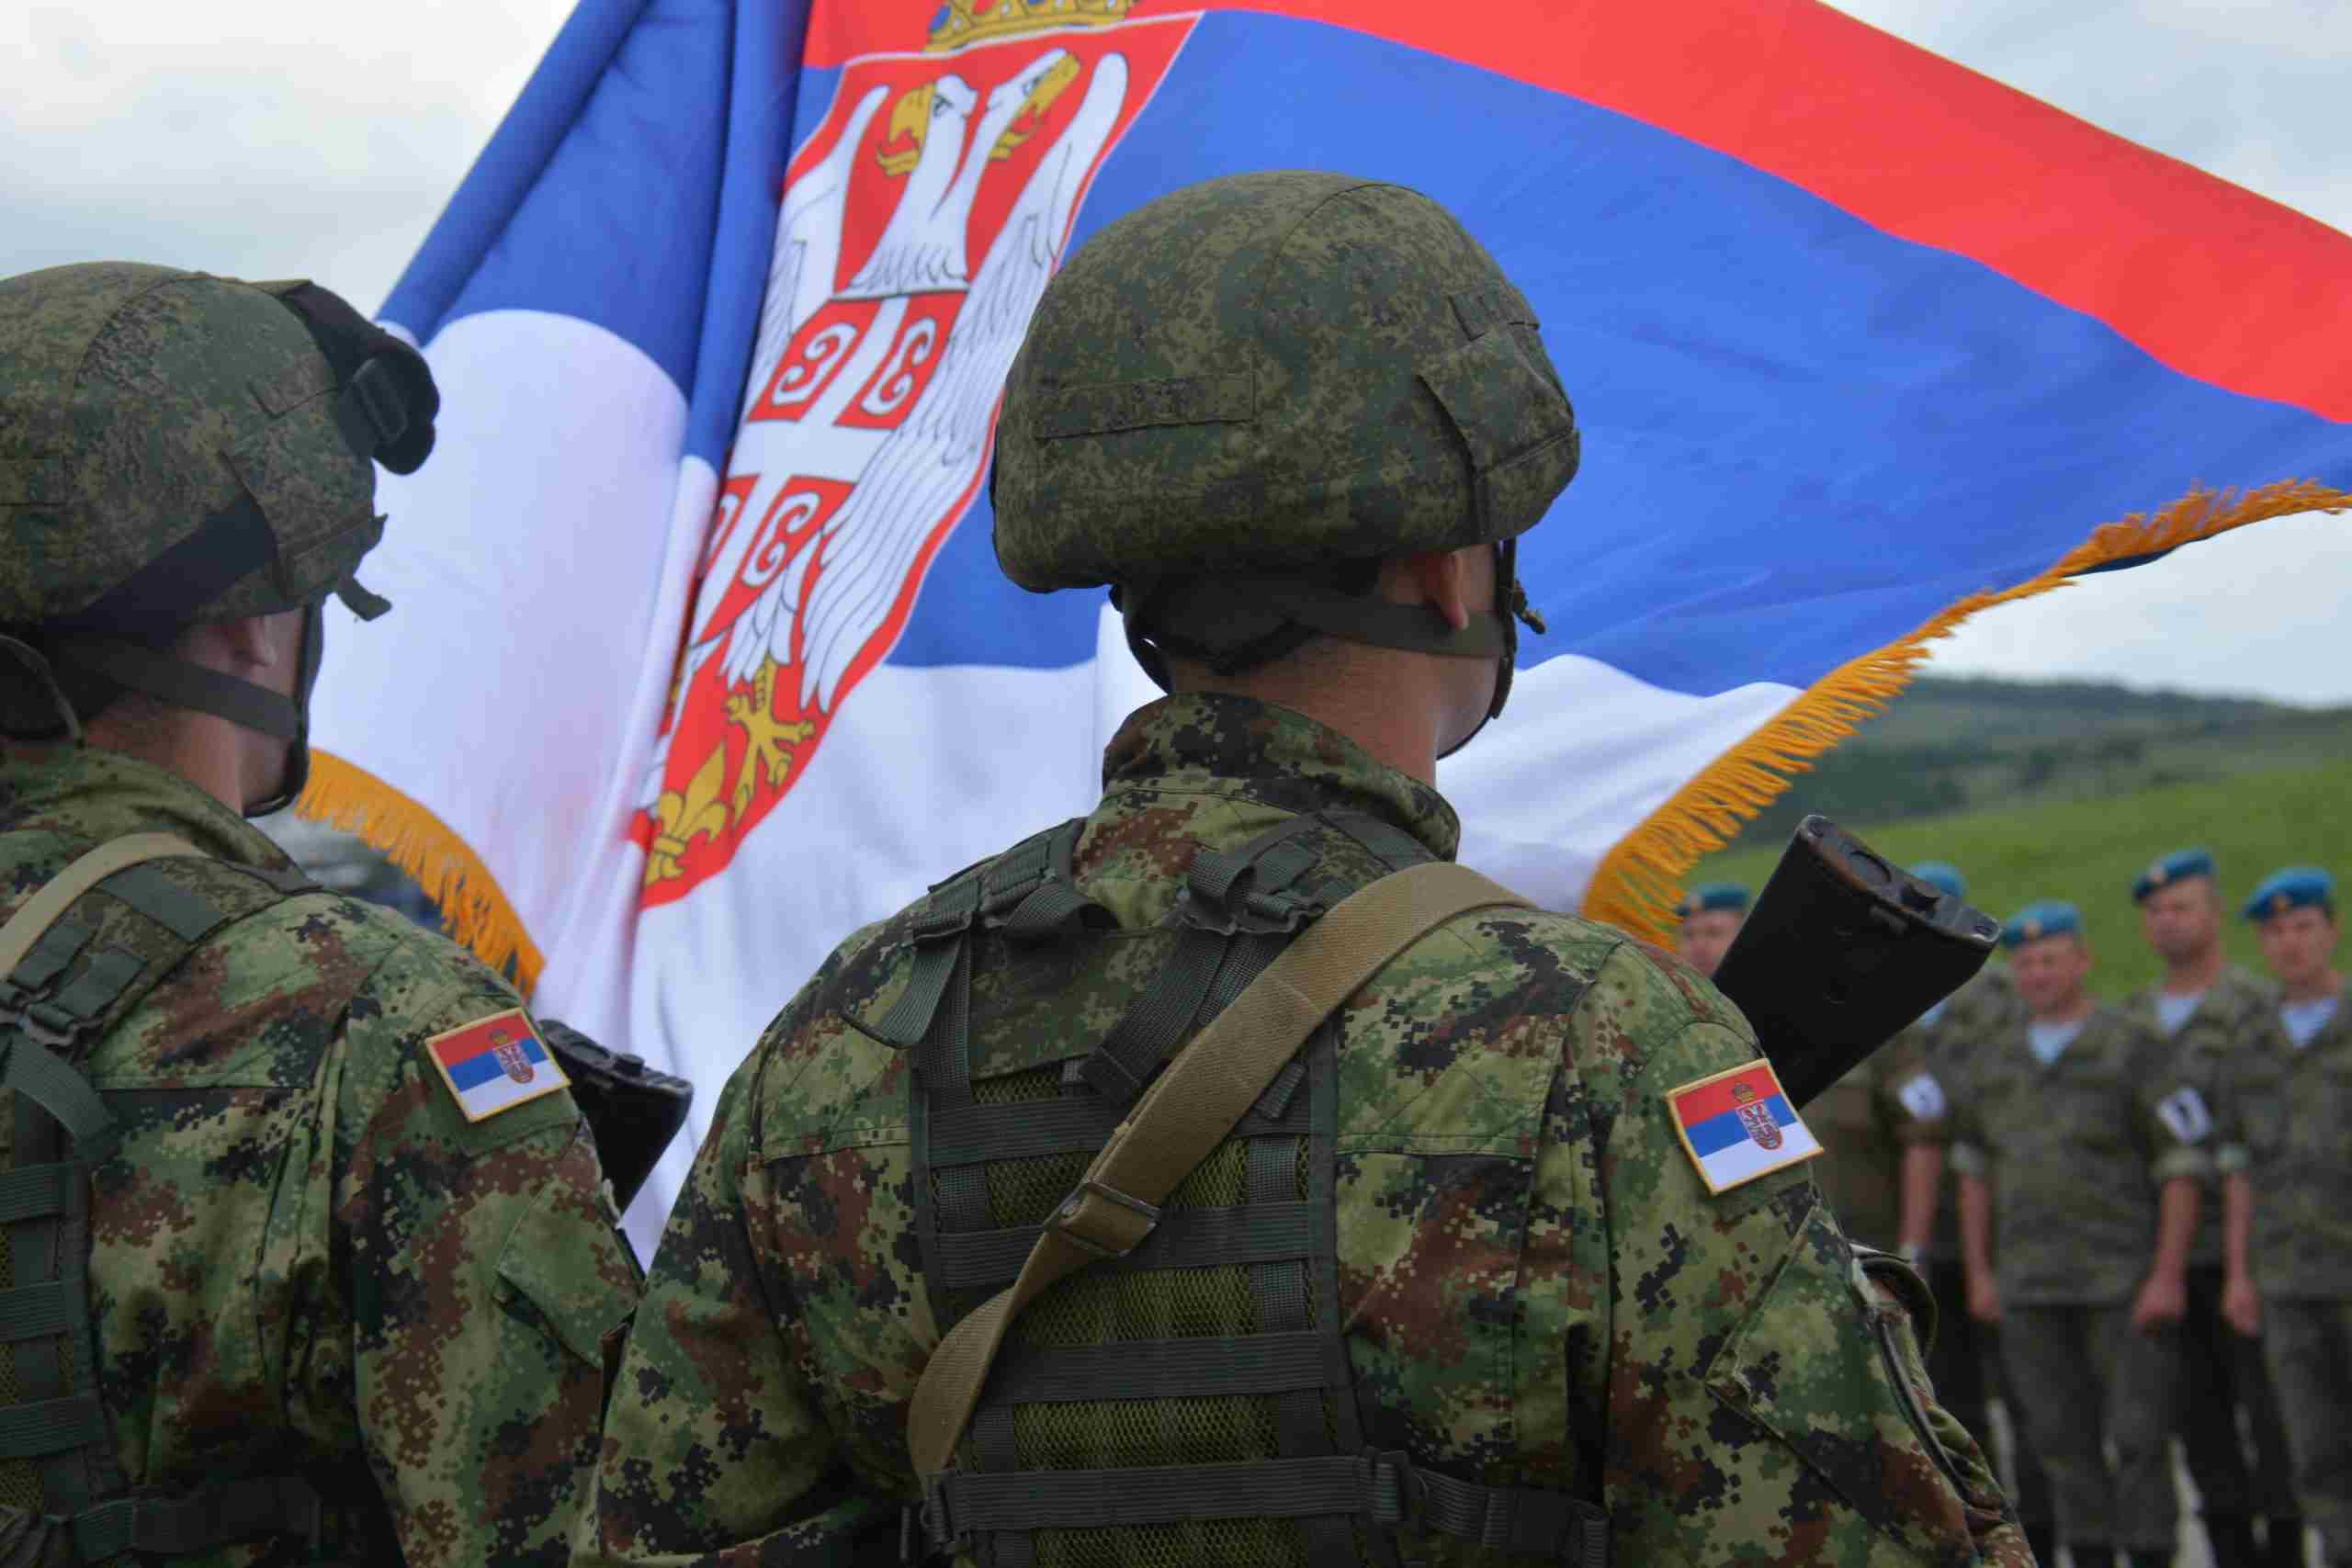 На полигоне «Раевский» прошла торжественная церемония открытия учений «Славянское братство-2021»